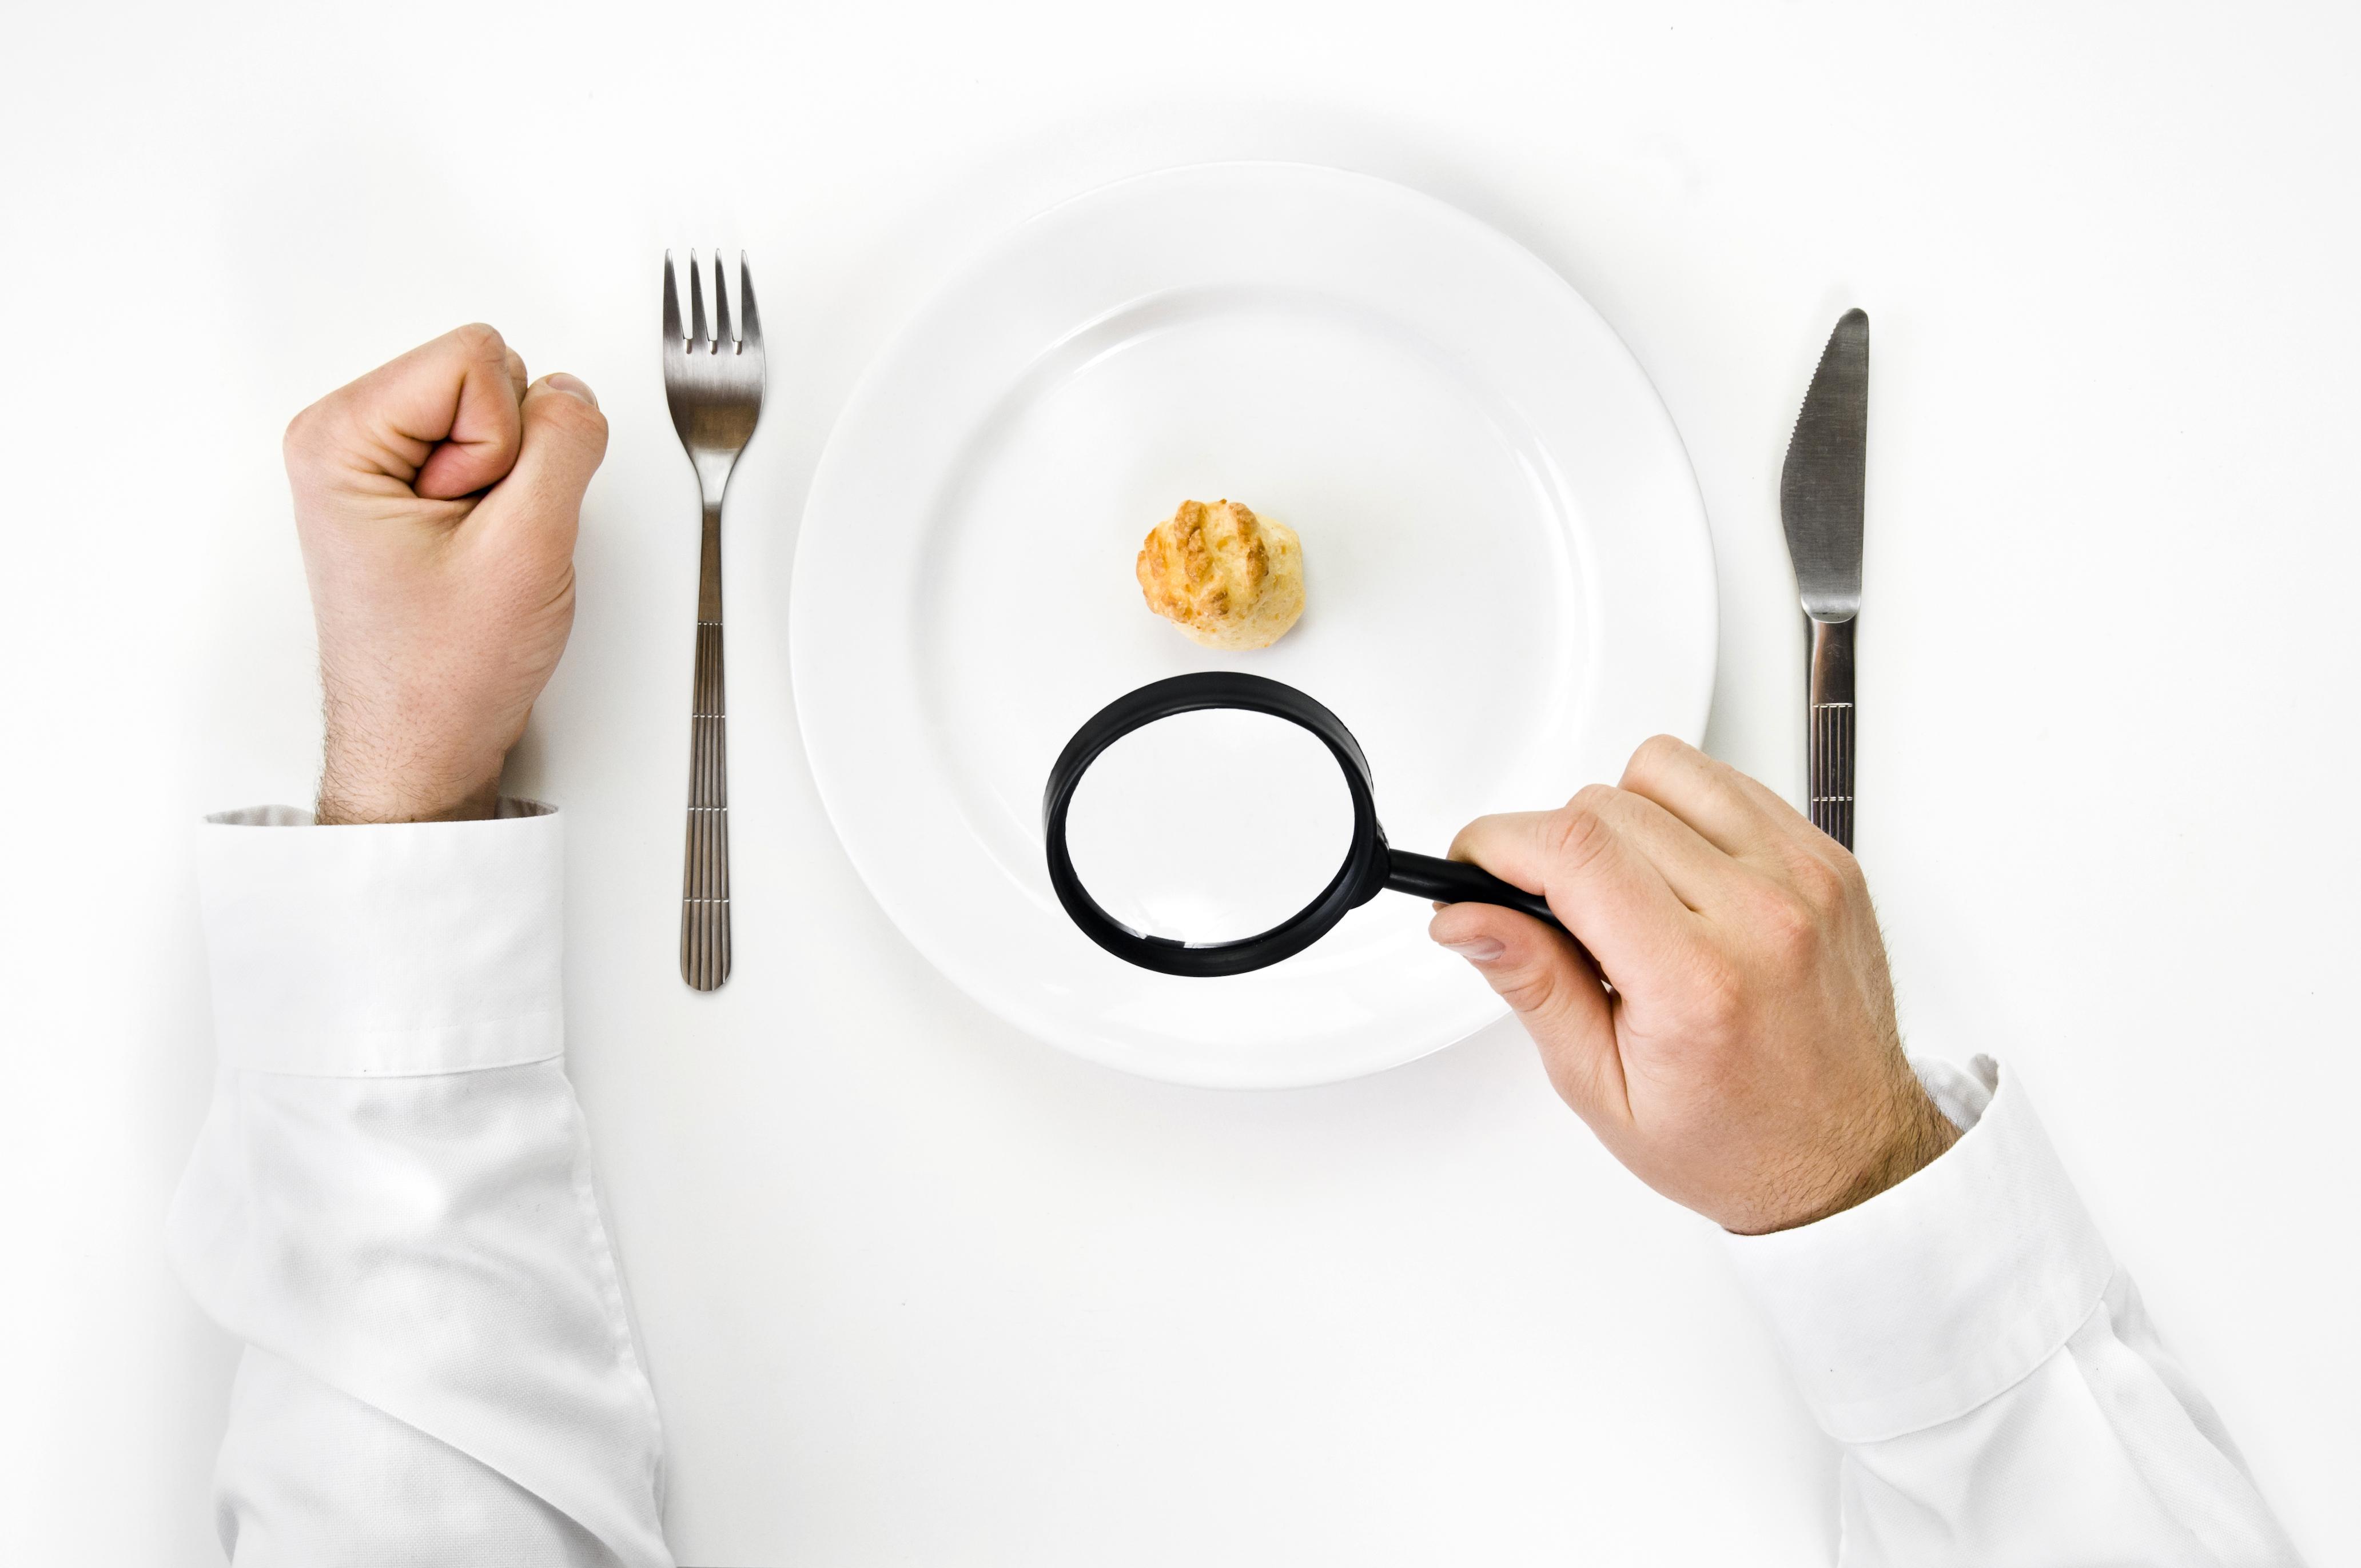 <p>5. Купувайте си по-малки чинии</p>  <p>Специалисти по хранене установяват, че хората, хранещи се в по-големи чинии, са по-склонни да преядат, тъй като хората несъзнателно слагат по-голяма порция, без дори да са наясно с това.</p>